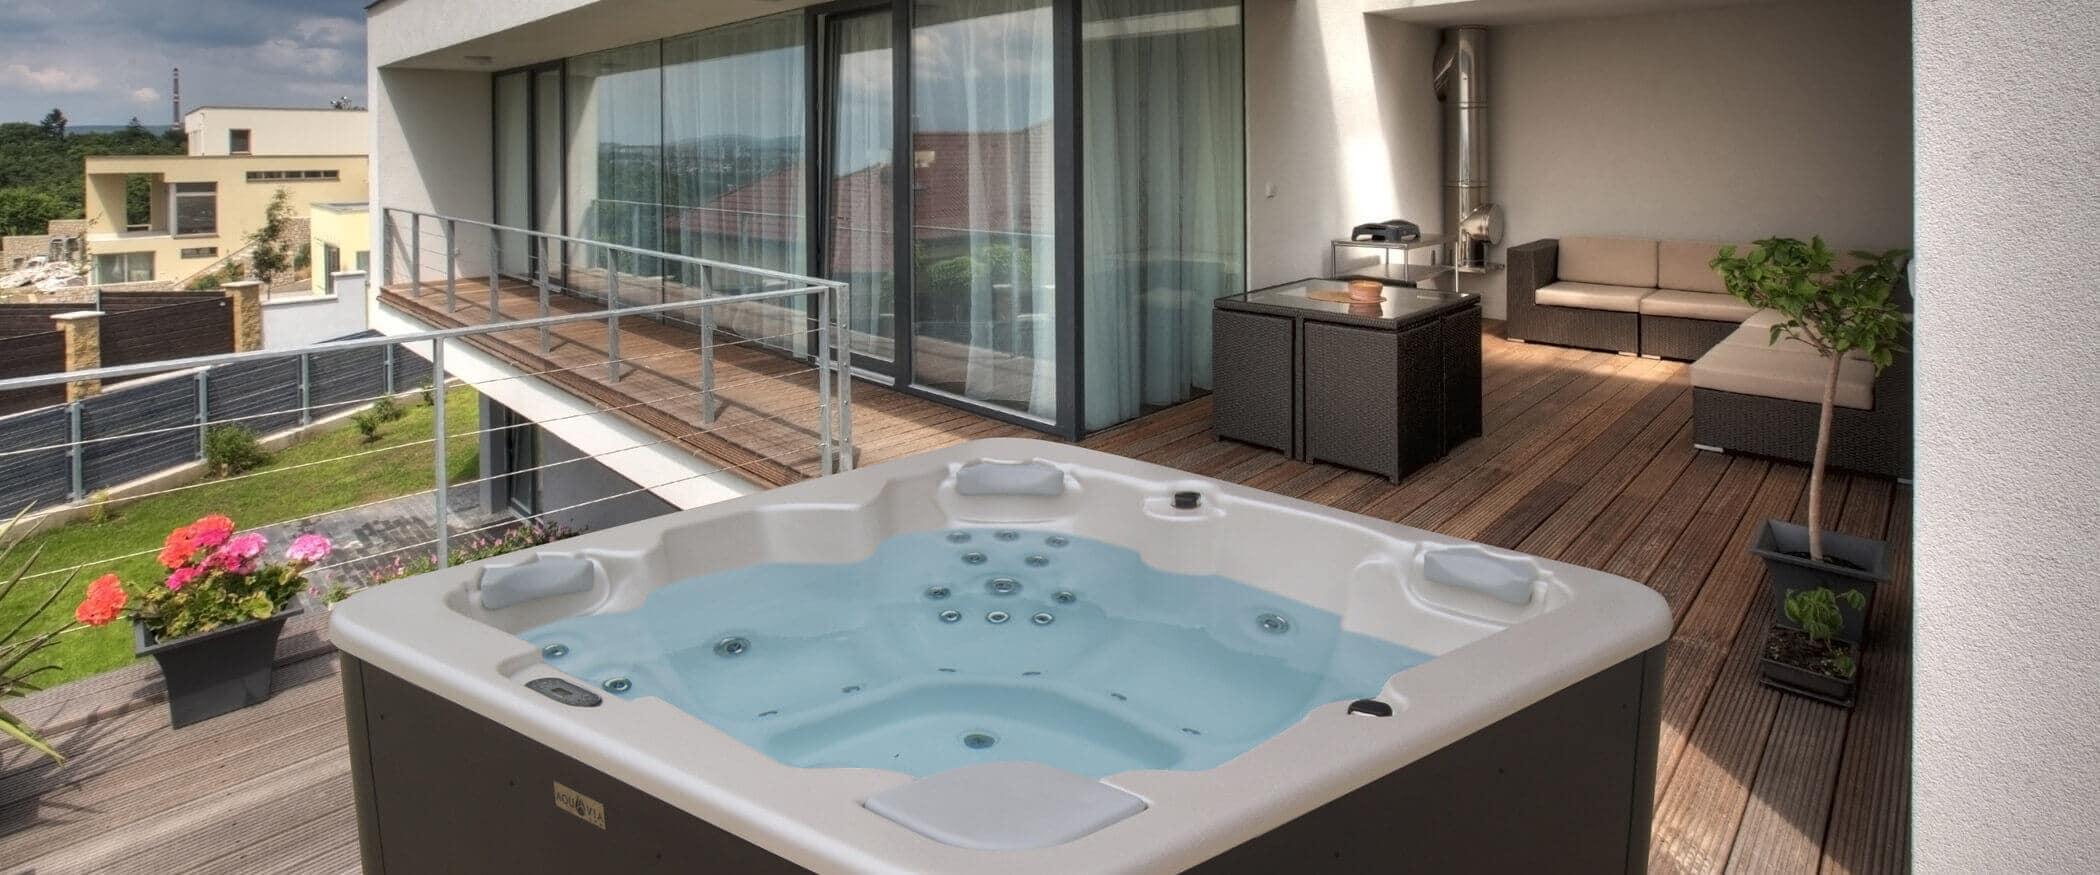 Jacuzzi Medidas Estandar.Spa Aqualife 5 Jacuzzi Exterior E Interior 5 Plazas